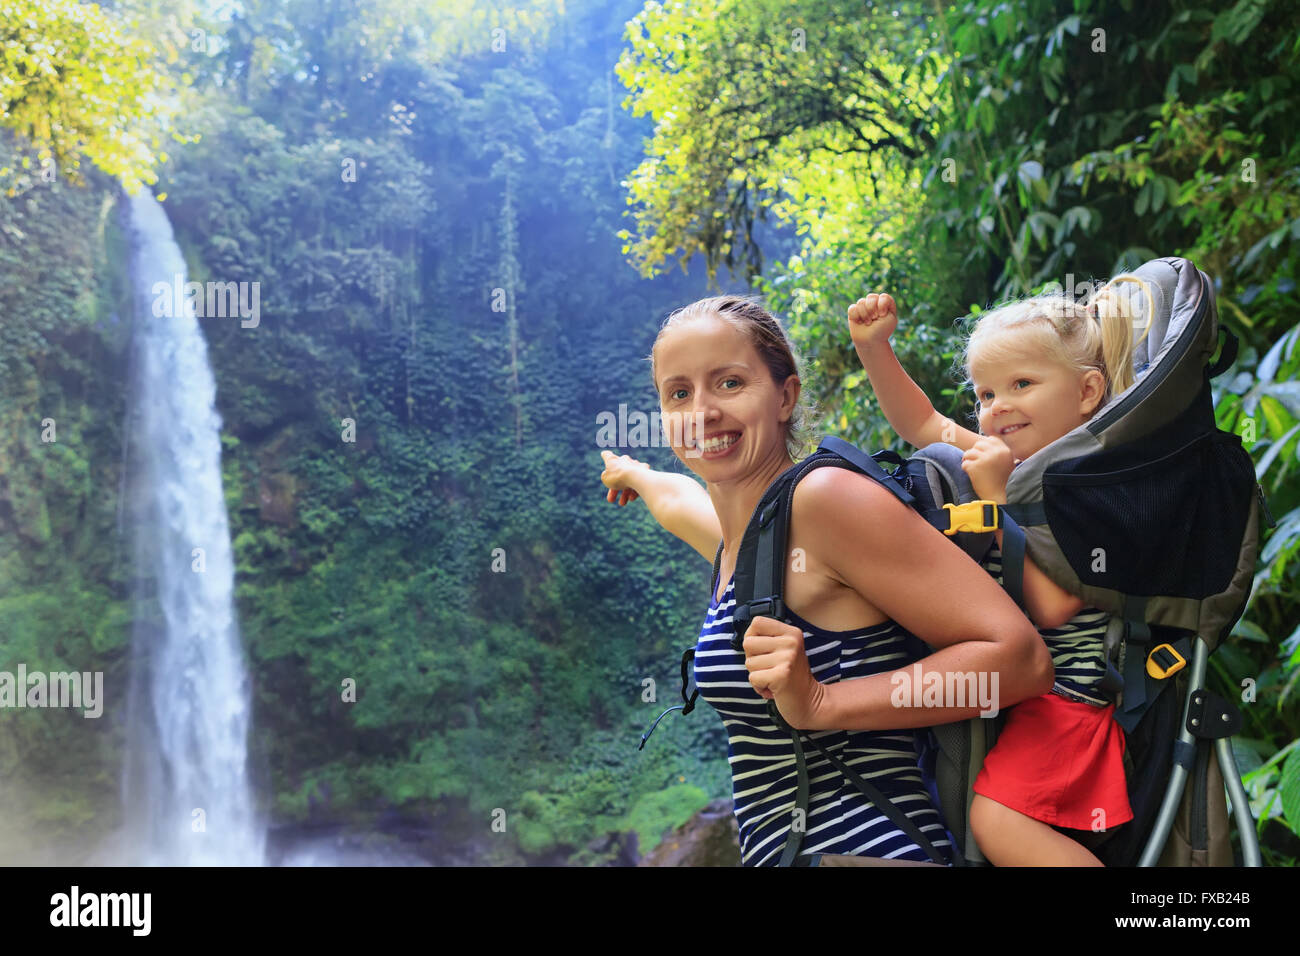 Mutter Babymädchen festhalten zurück im Rucksack im Wasserfall Canyon wandern. Stockbild